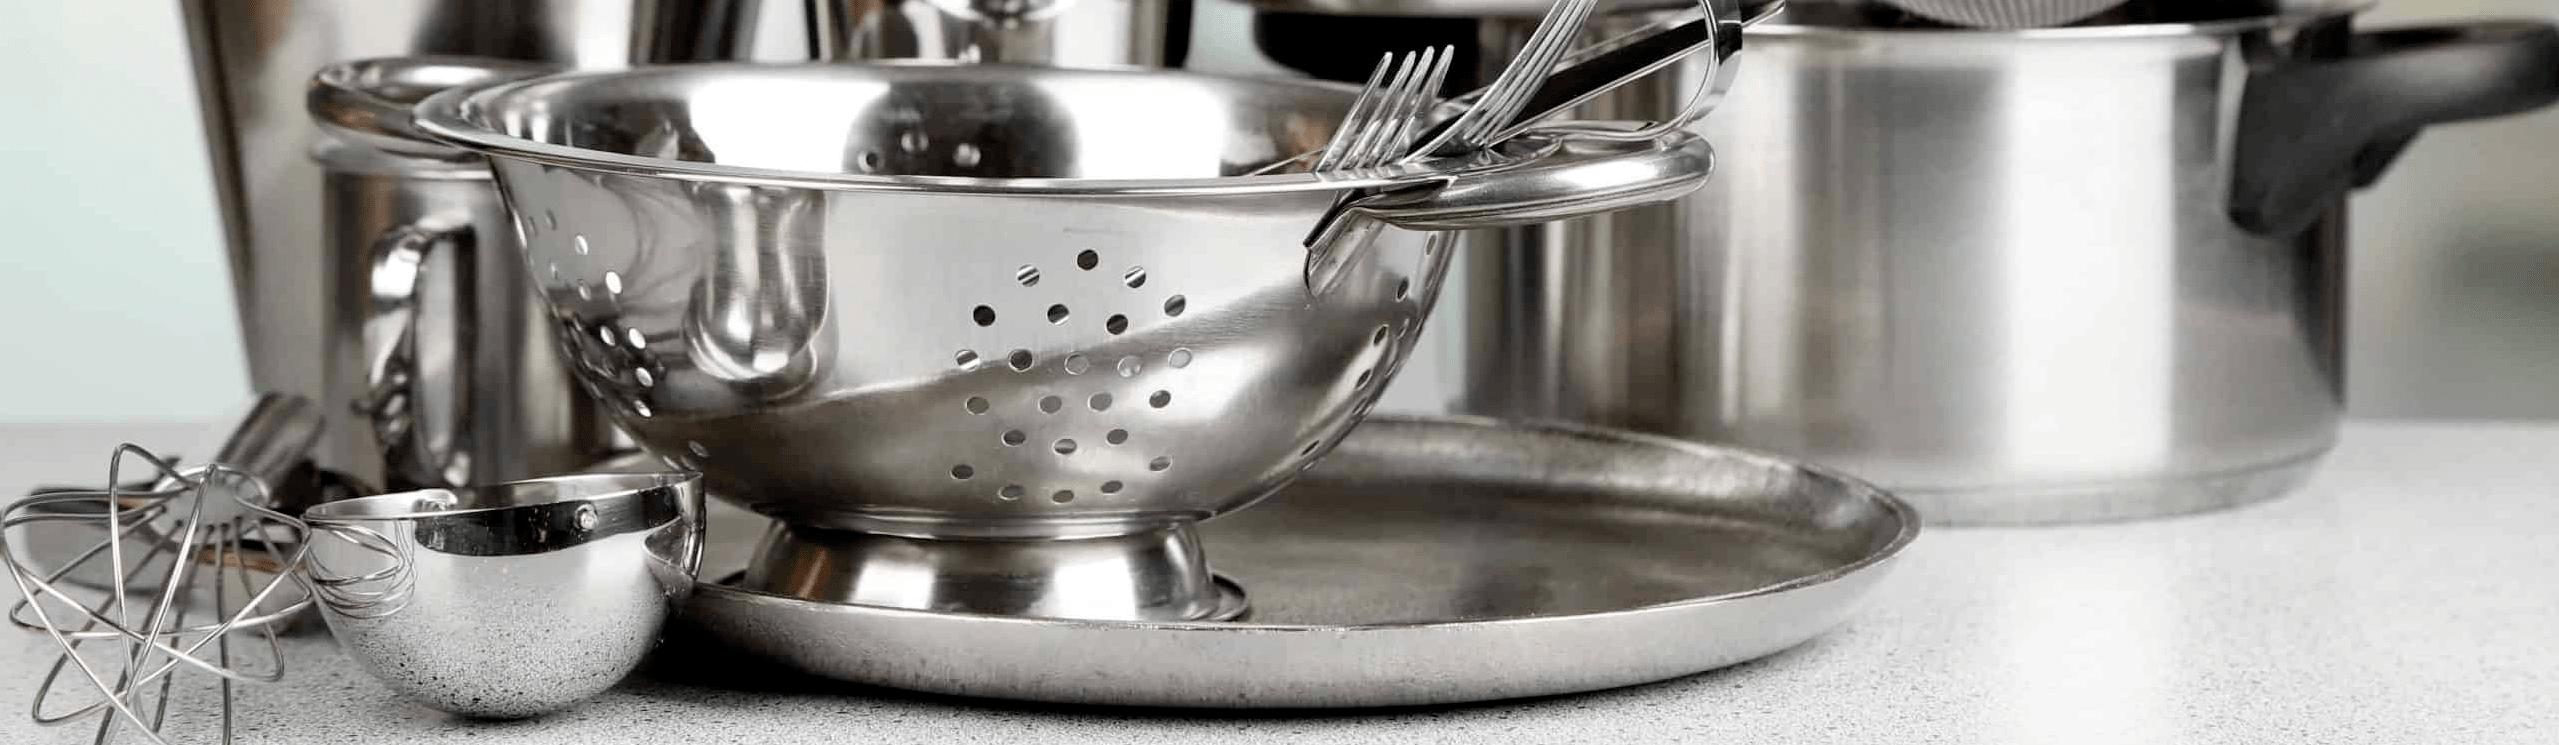 Como limpar produtos em aço inox?